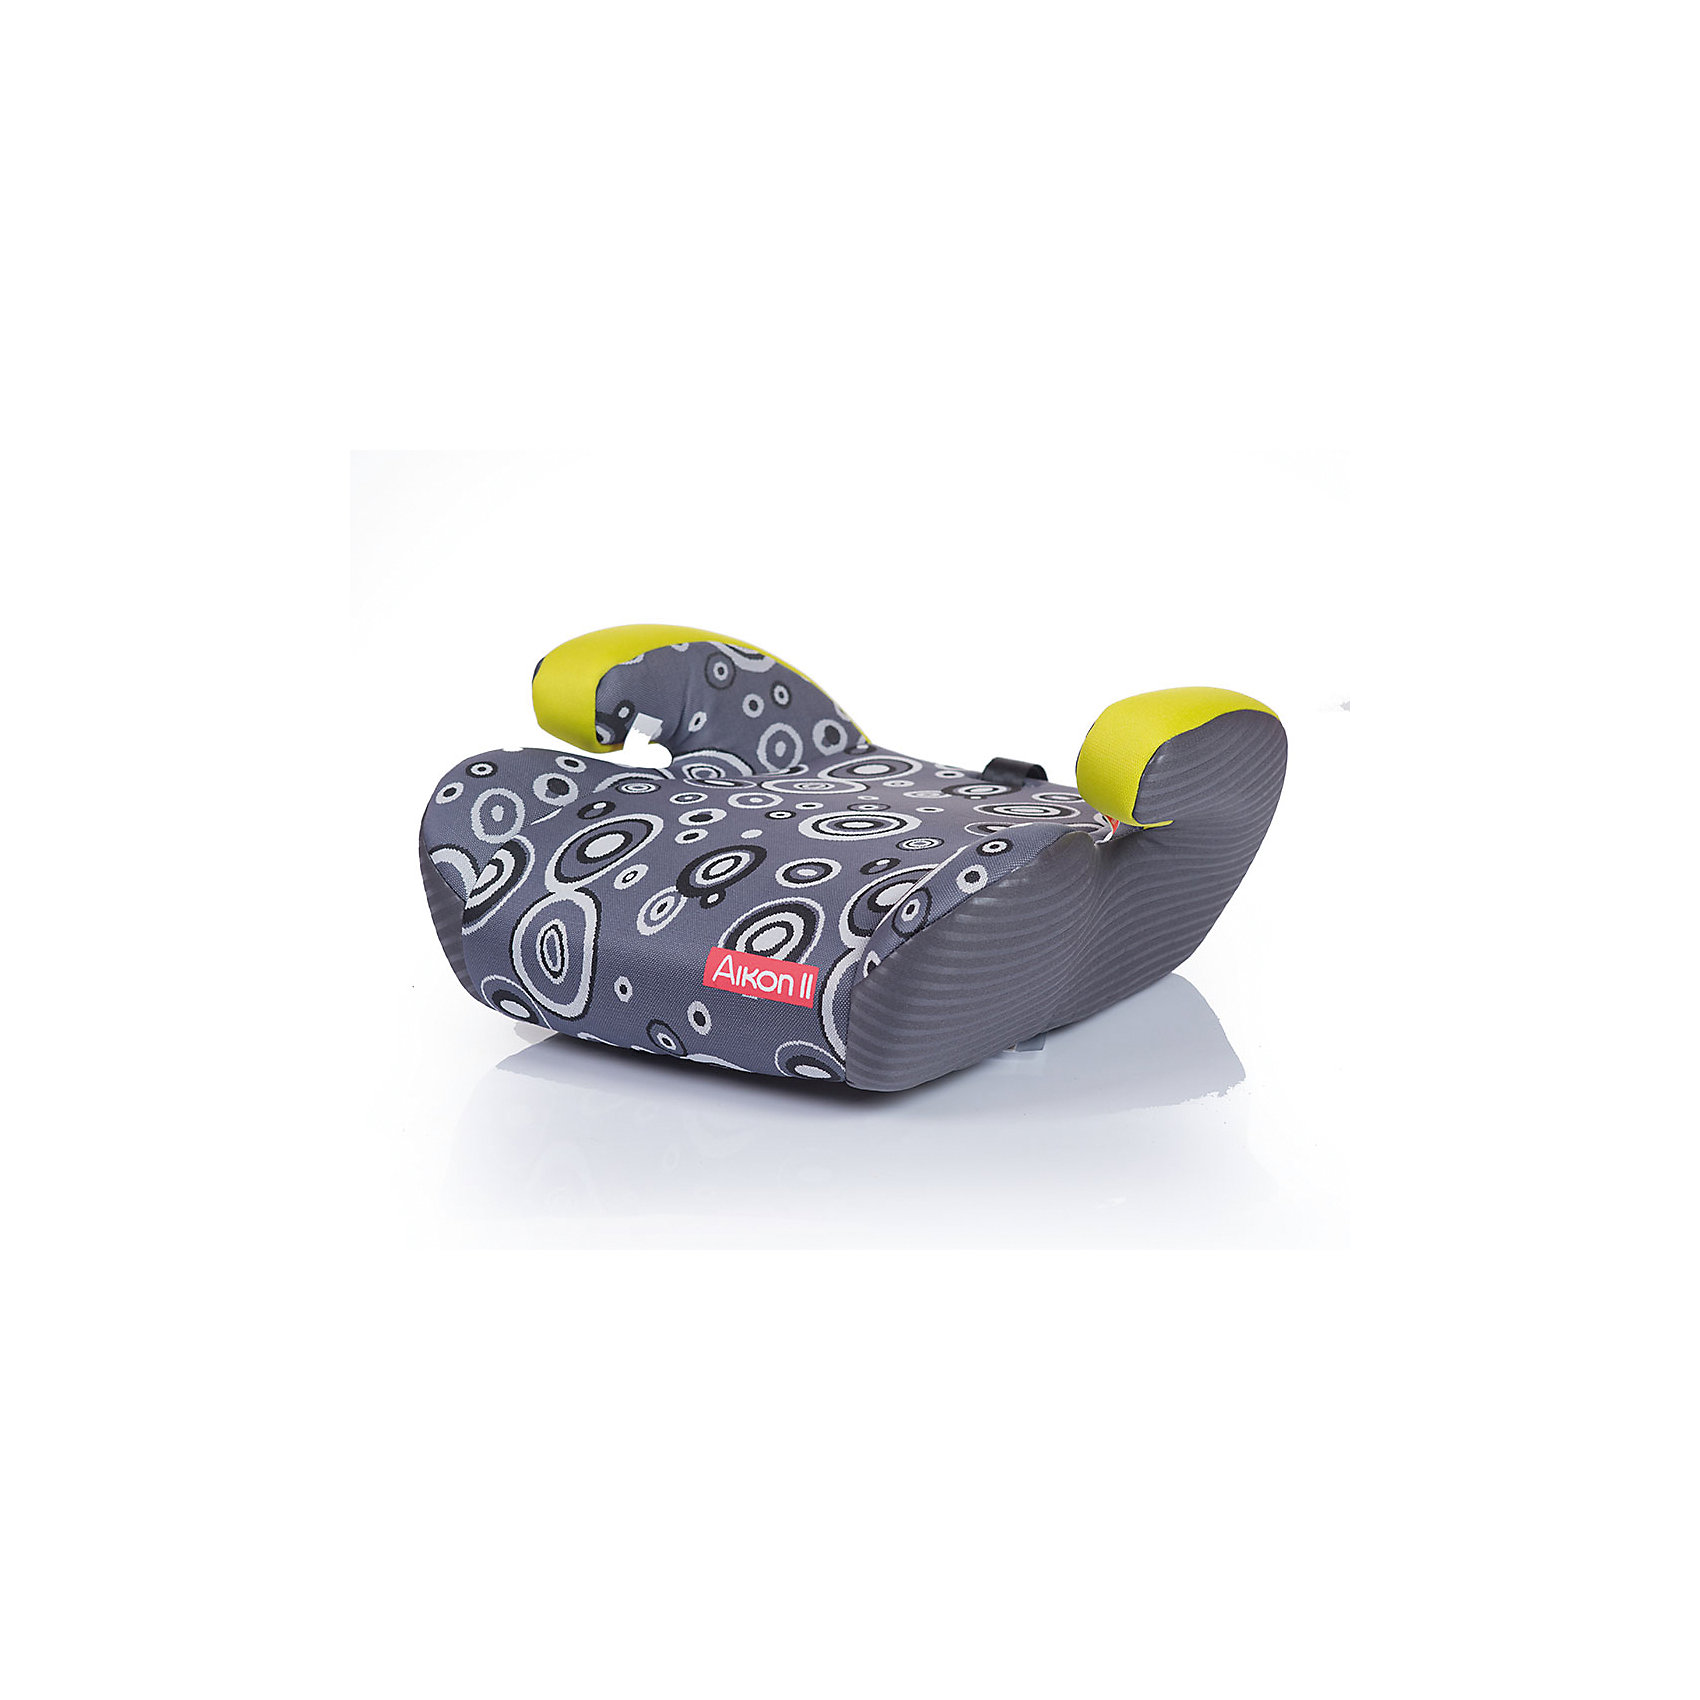 Бустер AIKON 2, 15-36 кг., Babyhit, серый с зелёным3 группа, для детей от 15 до 36 кг., автокресло-бустер, ребенок фиксируется штатными автомобильными ремнями,ремень для дополнительной фиксации штатных ремней безопасности автомобиля<br>широкое сиденье с удобными подлокотниками,компактно размещается в автомобиле,съемный чехол,устанавливается по ходу движения автомобиля,соответствует Евростандарту безопасности ЕСЕ44/3<br><br>Ширина мм: 450<br>Глубина мм: 500<br>Высота мм: 200<br>Вес г: 1250<br>Возраст от месяцев: 36<br>Возраст до месяцев: 144<br>Пол: Унисекс<br>Возраст: Детский<br>SKU: 5500246